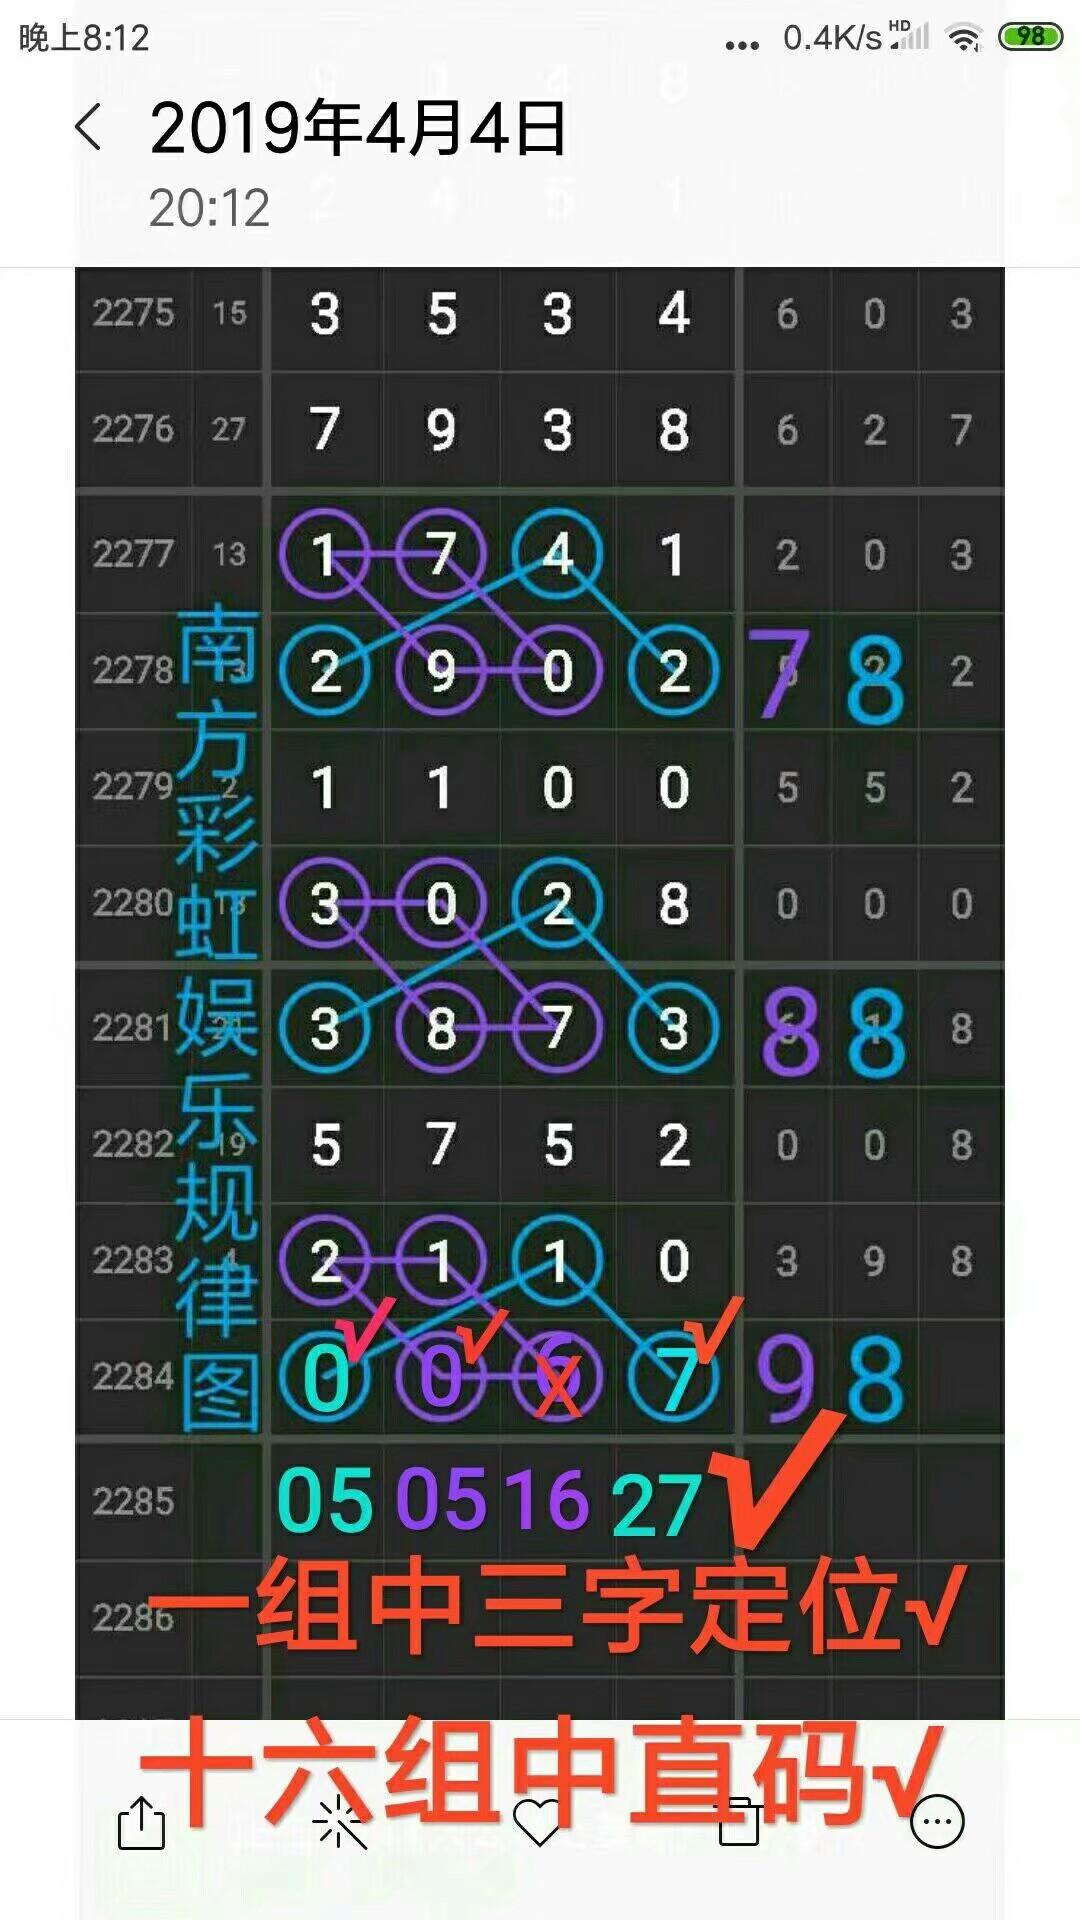 七星彩2284期规律图